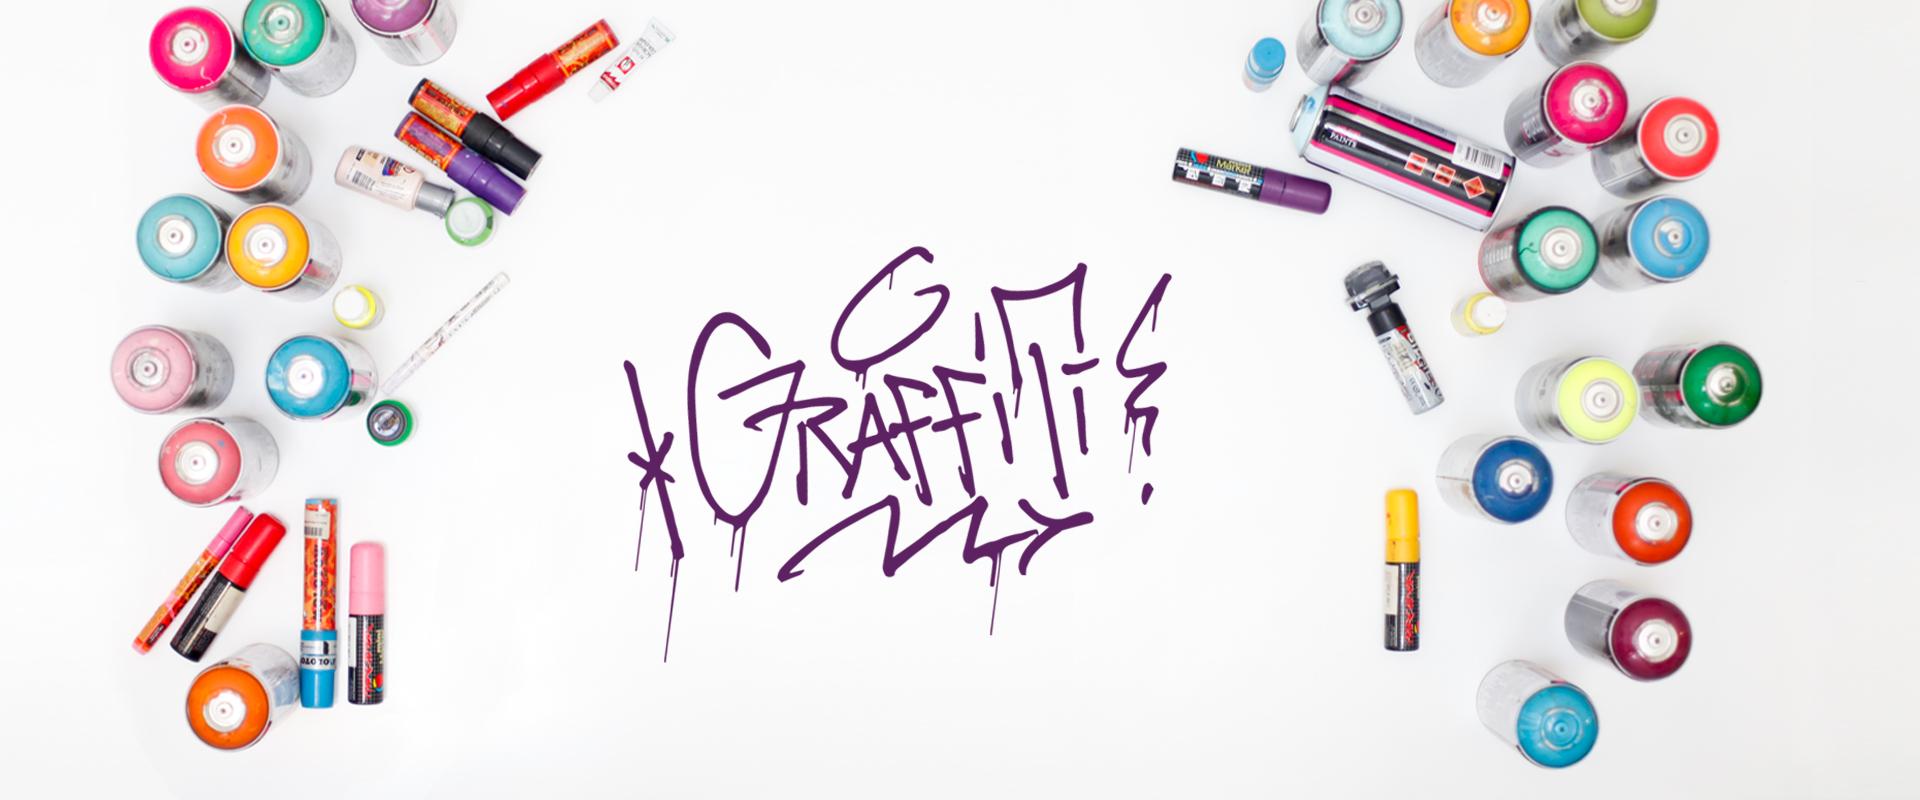 graffiti_b